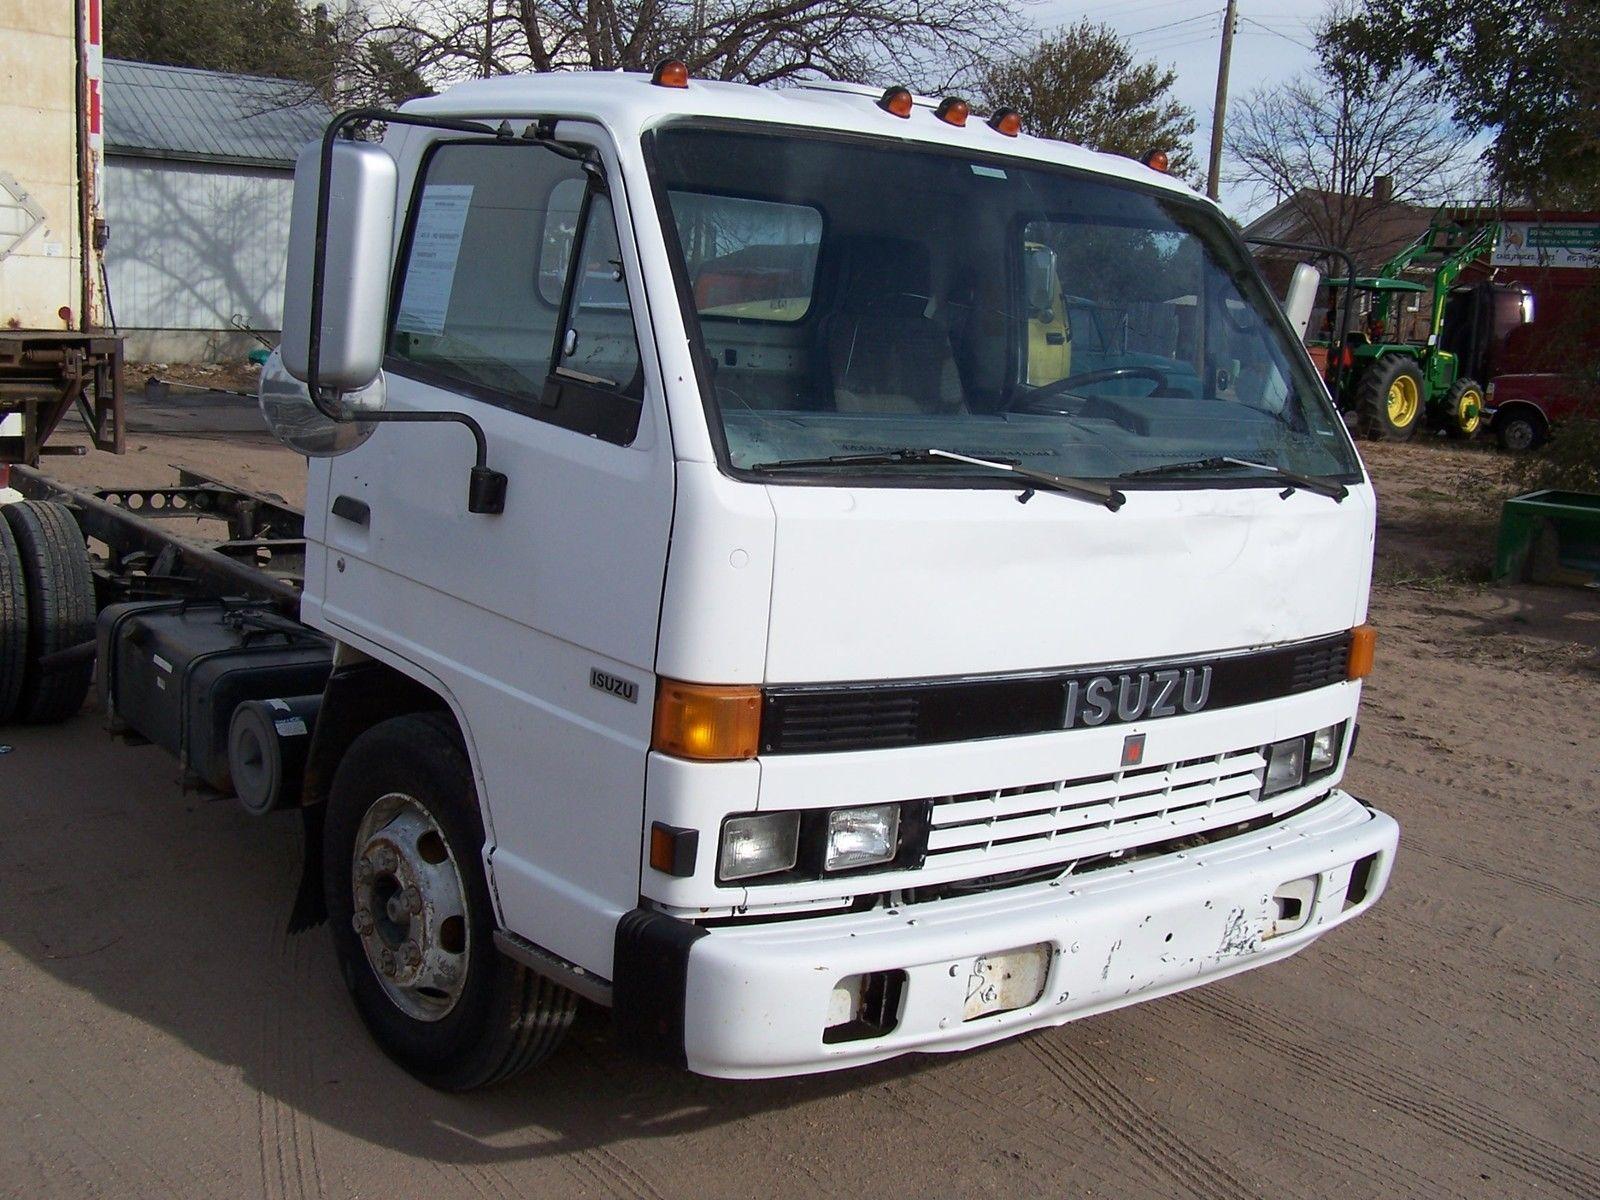 1990 Isuzu NPR, Turbo Diesel, Perfect Rat/Street Rod Truck Project